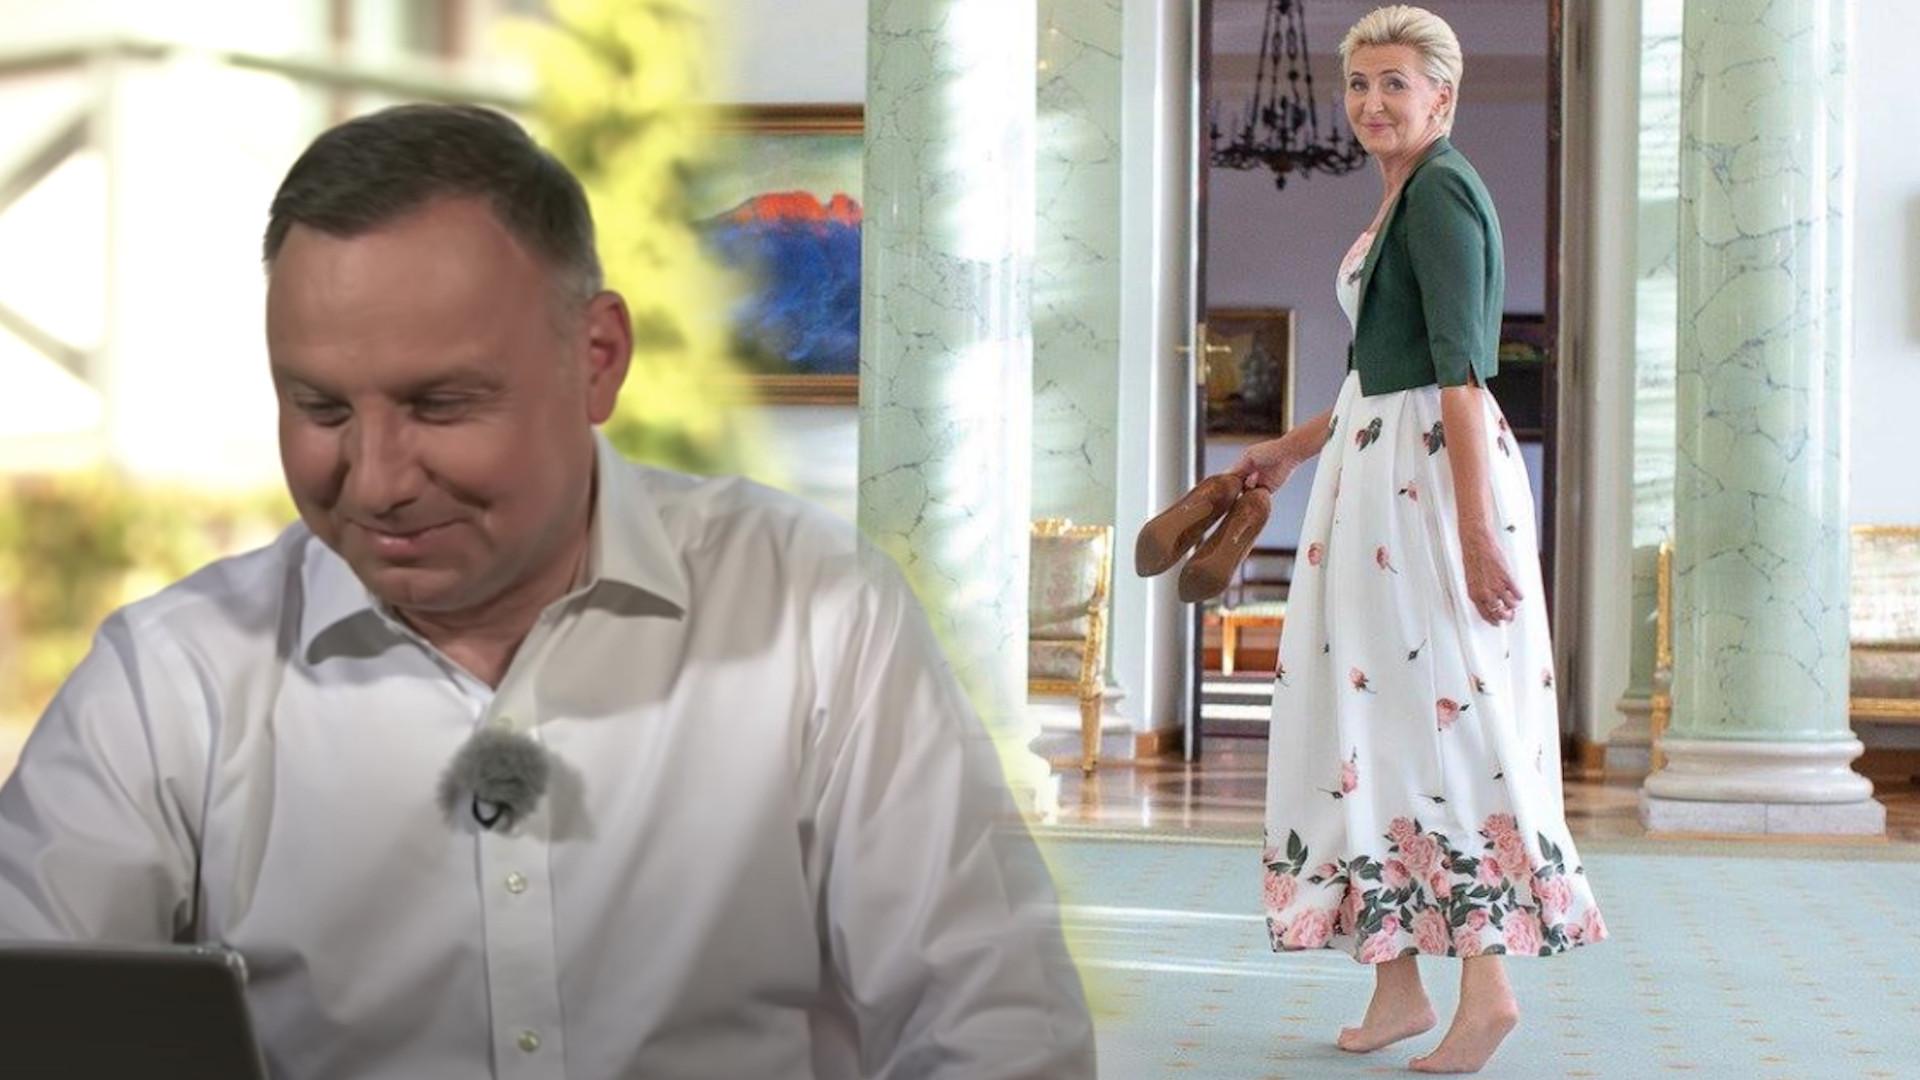 """Andrzej Duda zdradza, jak żyje z Agatą Dudą w Pałacu Prezydenckim: """"Żona robi zakupy w sklepie"""""""